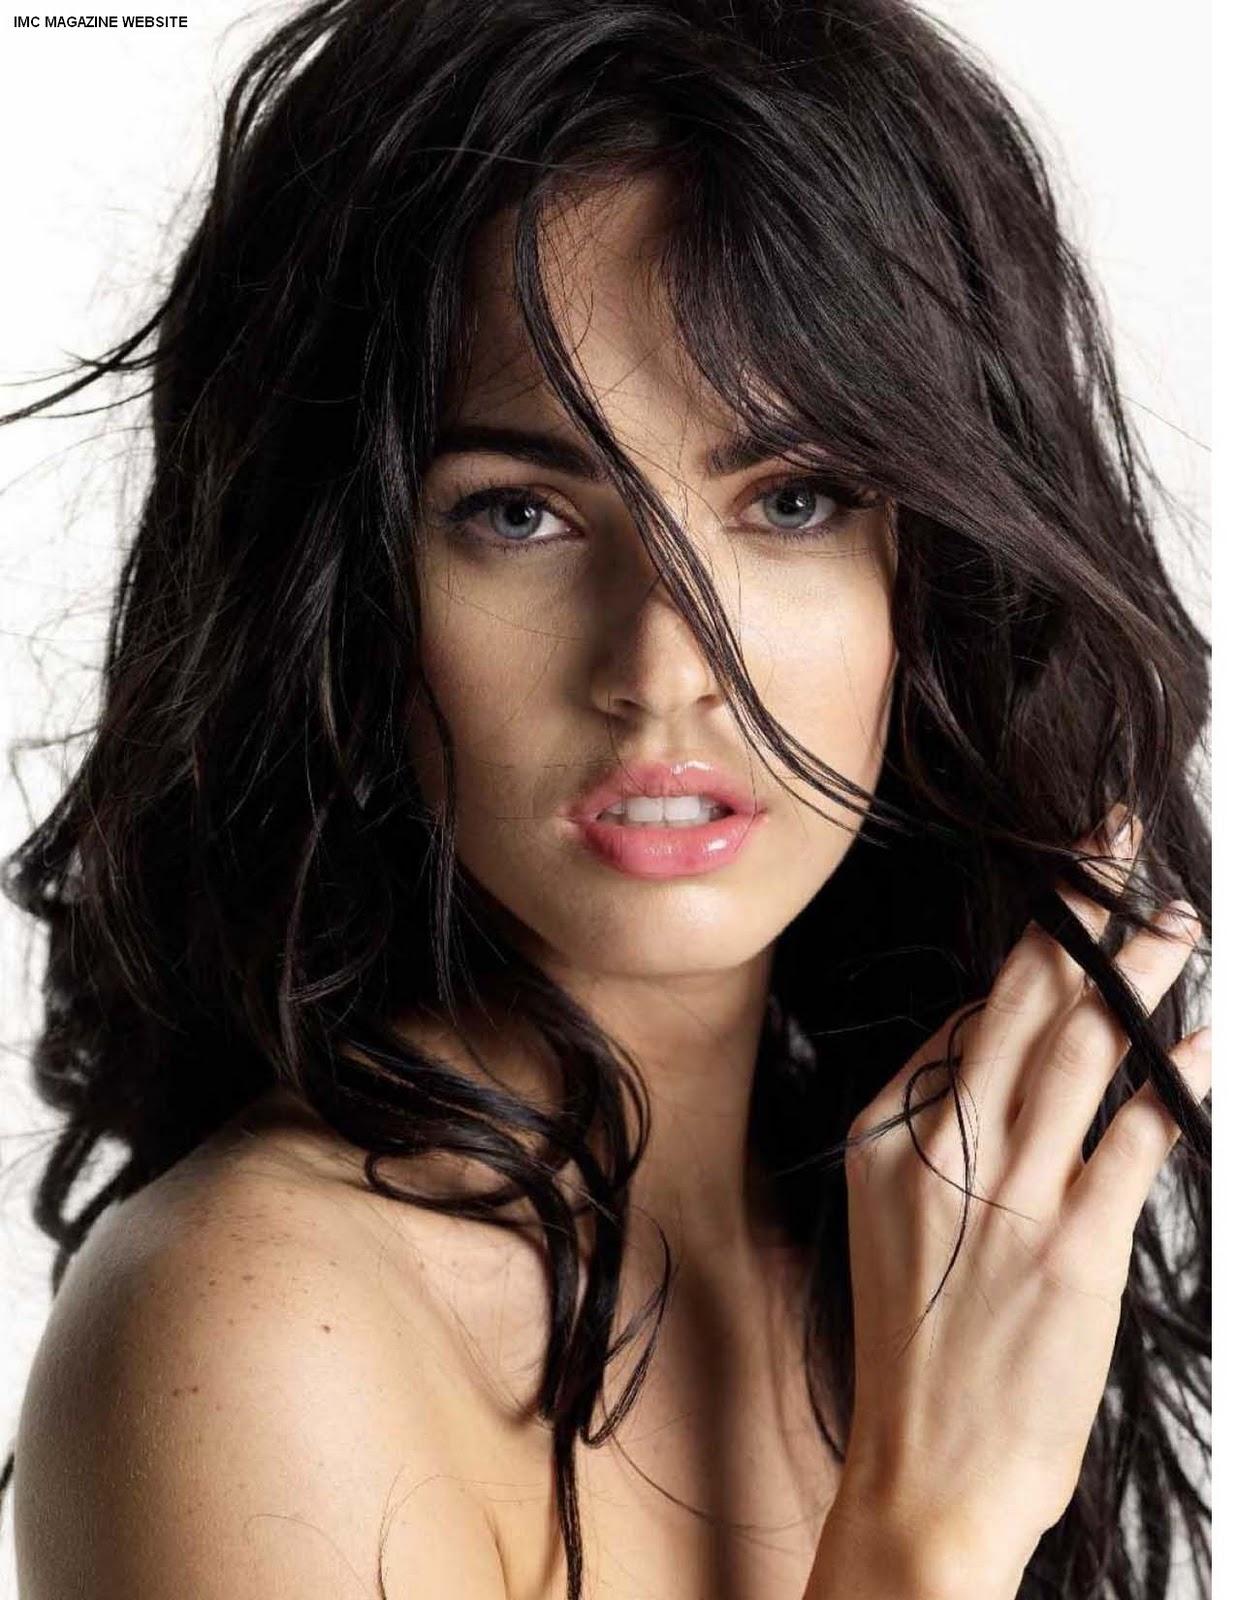 Beautiful Hollywood Cute Actress Megan Fox Photo Gallery ...